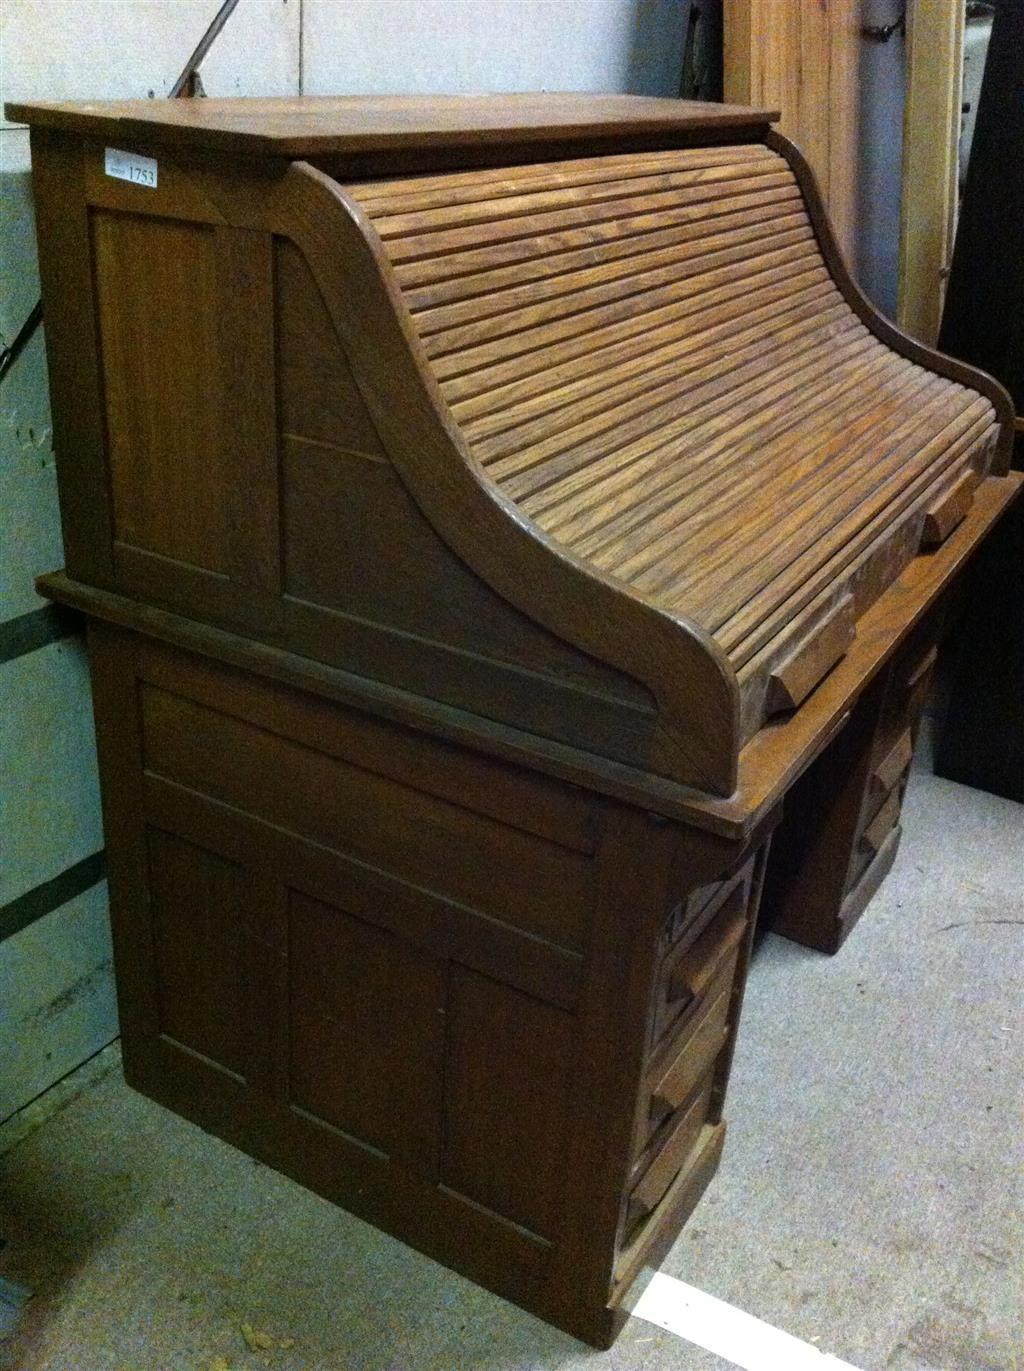 Antique Oak Roll Top Desk - Antique Oak Roll Top Desk Auction Items Pinterest Antiques